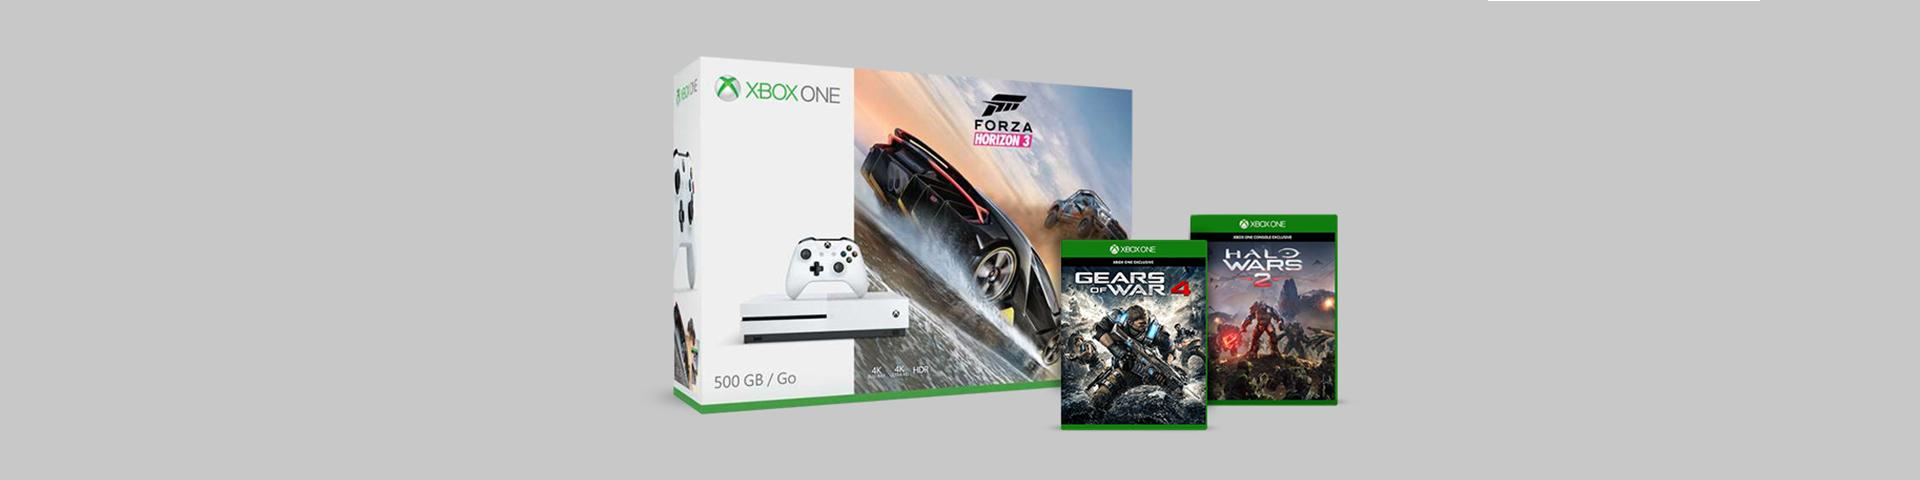 Xbox One S-Packung mit den zwei Spielen Gears of War 4 + Halo Wars 2